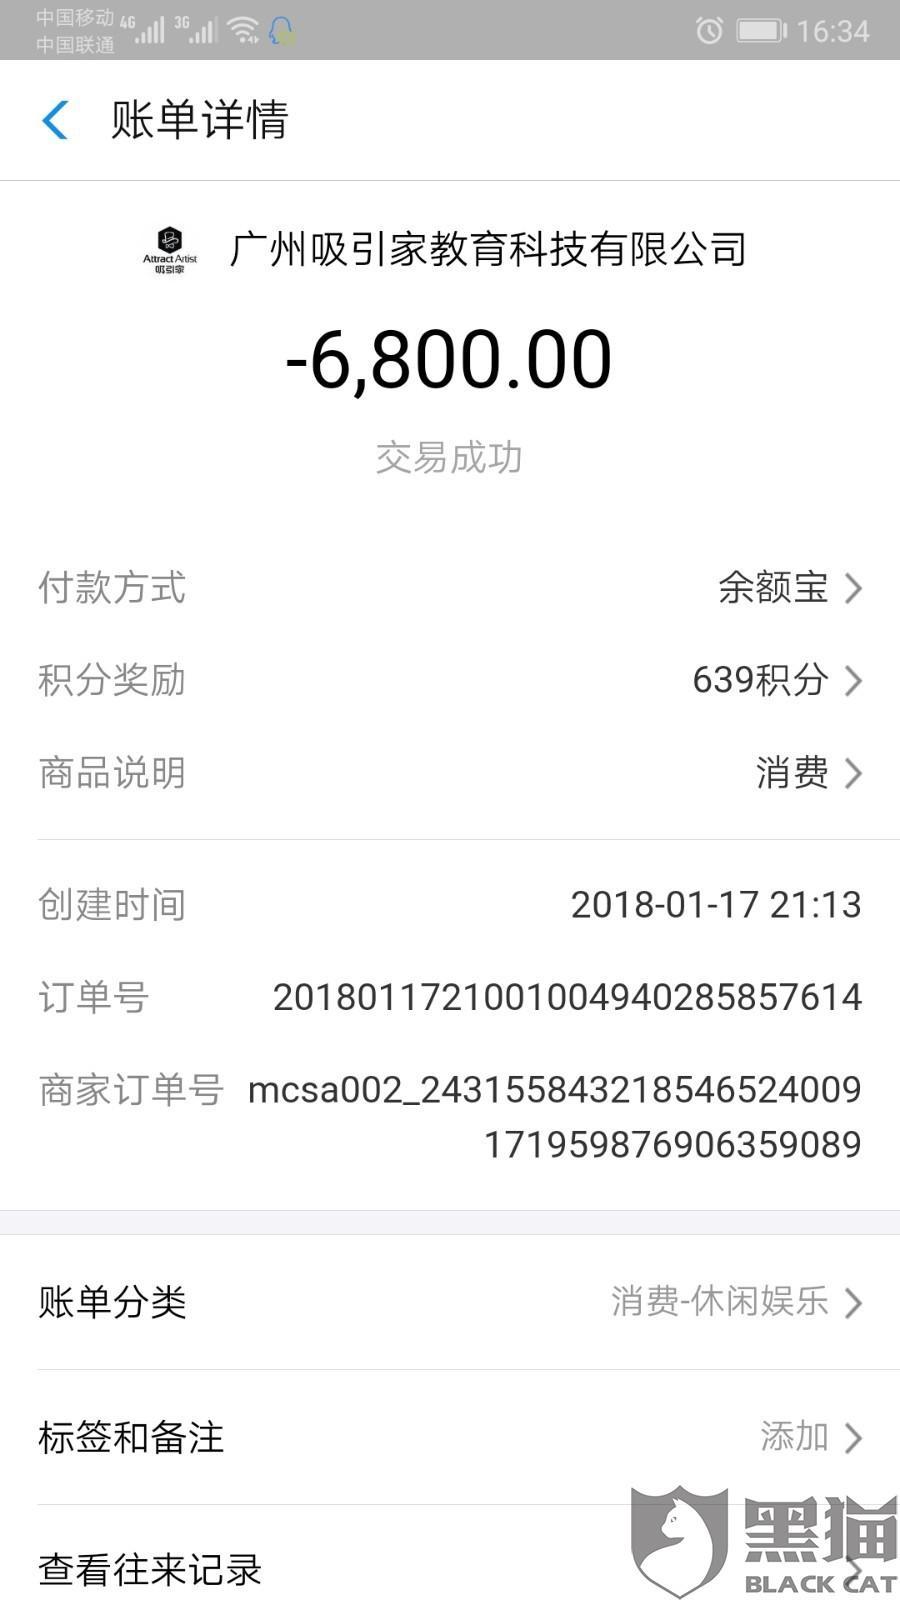 黑猫投诉:投诉广州吸引家教育科技有限公司未提供有效服务却拒不